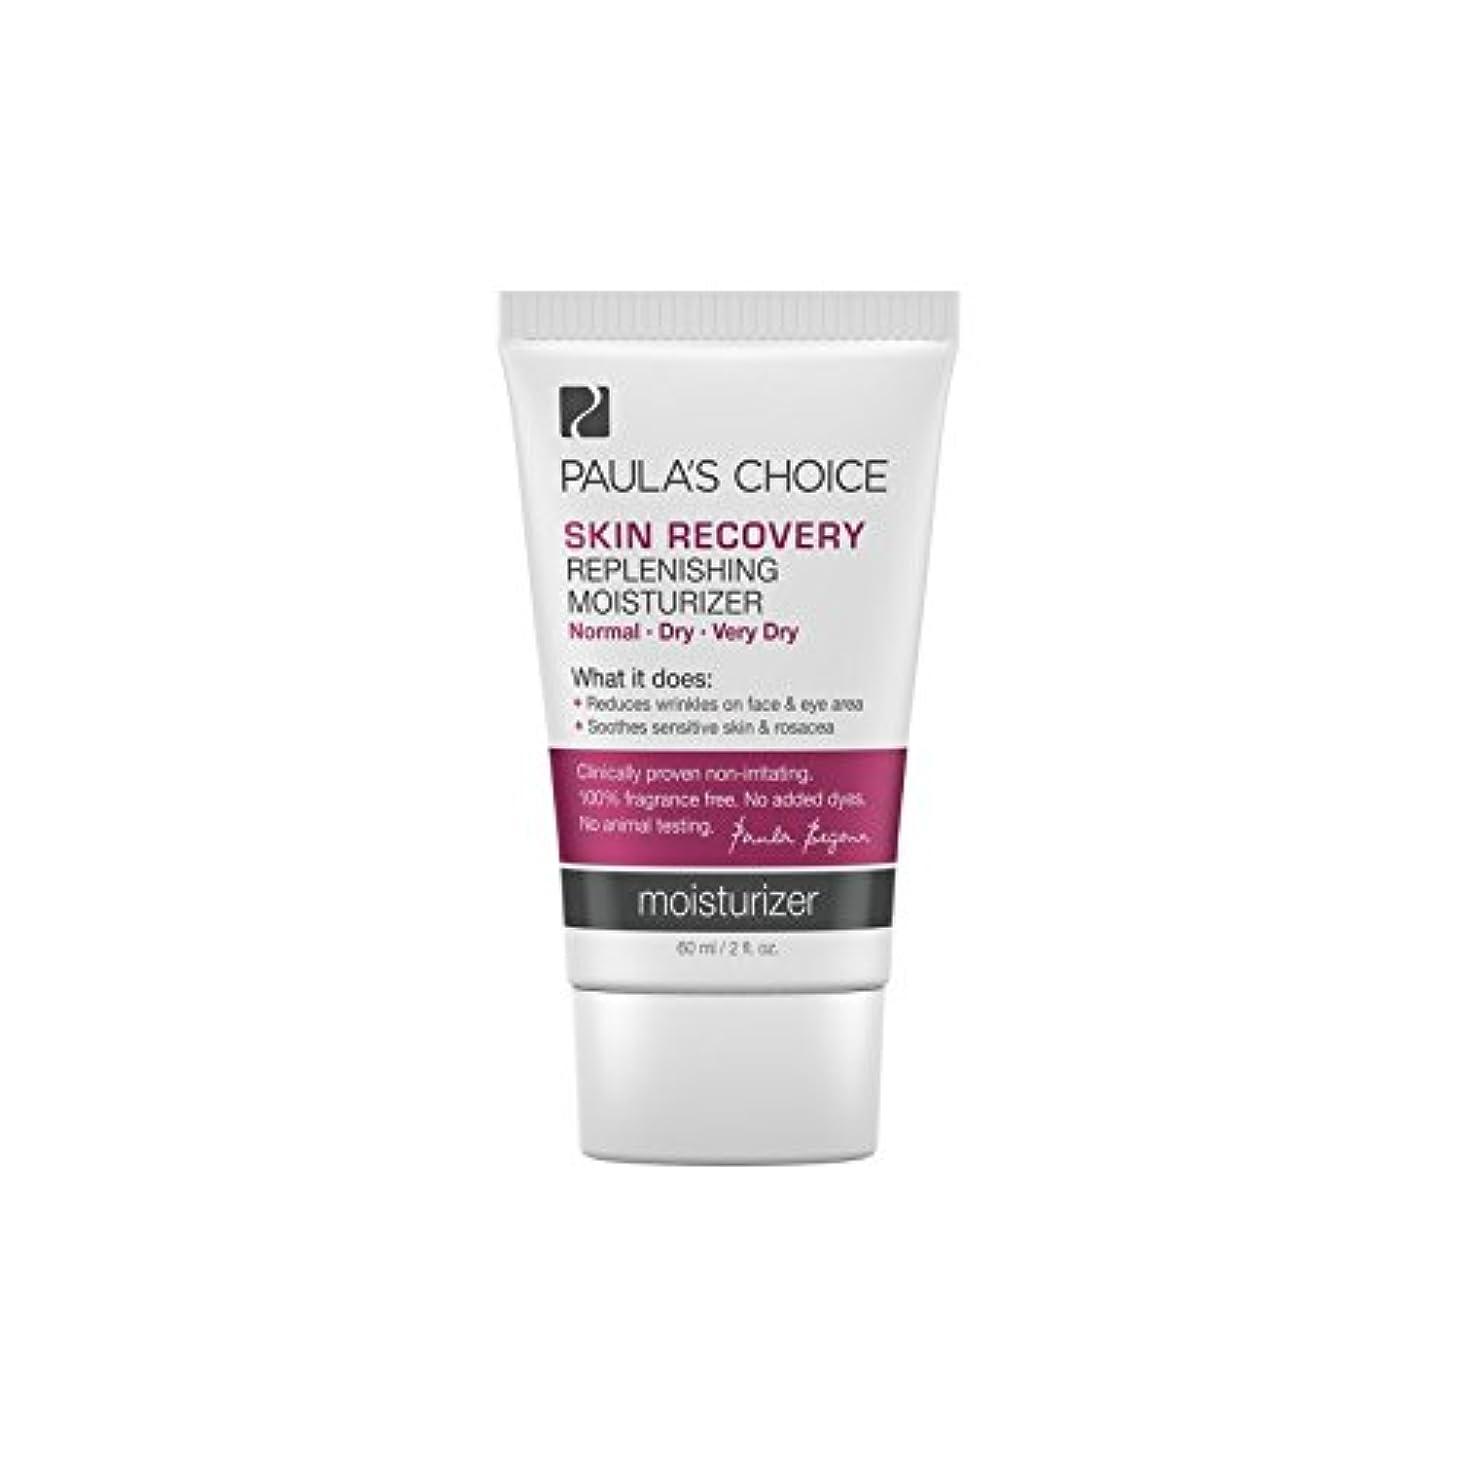 株式国際トレースポーラチョイスの肌の回復補充保湿(60ミリリットル) x2 - Paula's Choice Skin Recovery Replenishing Moisturizer (60ml) (Pack of 2) [並行輸入品]